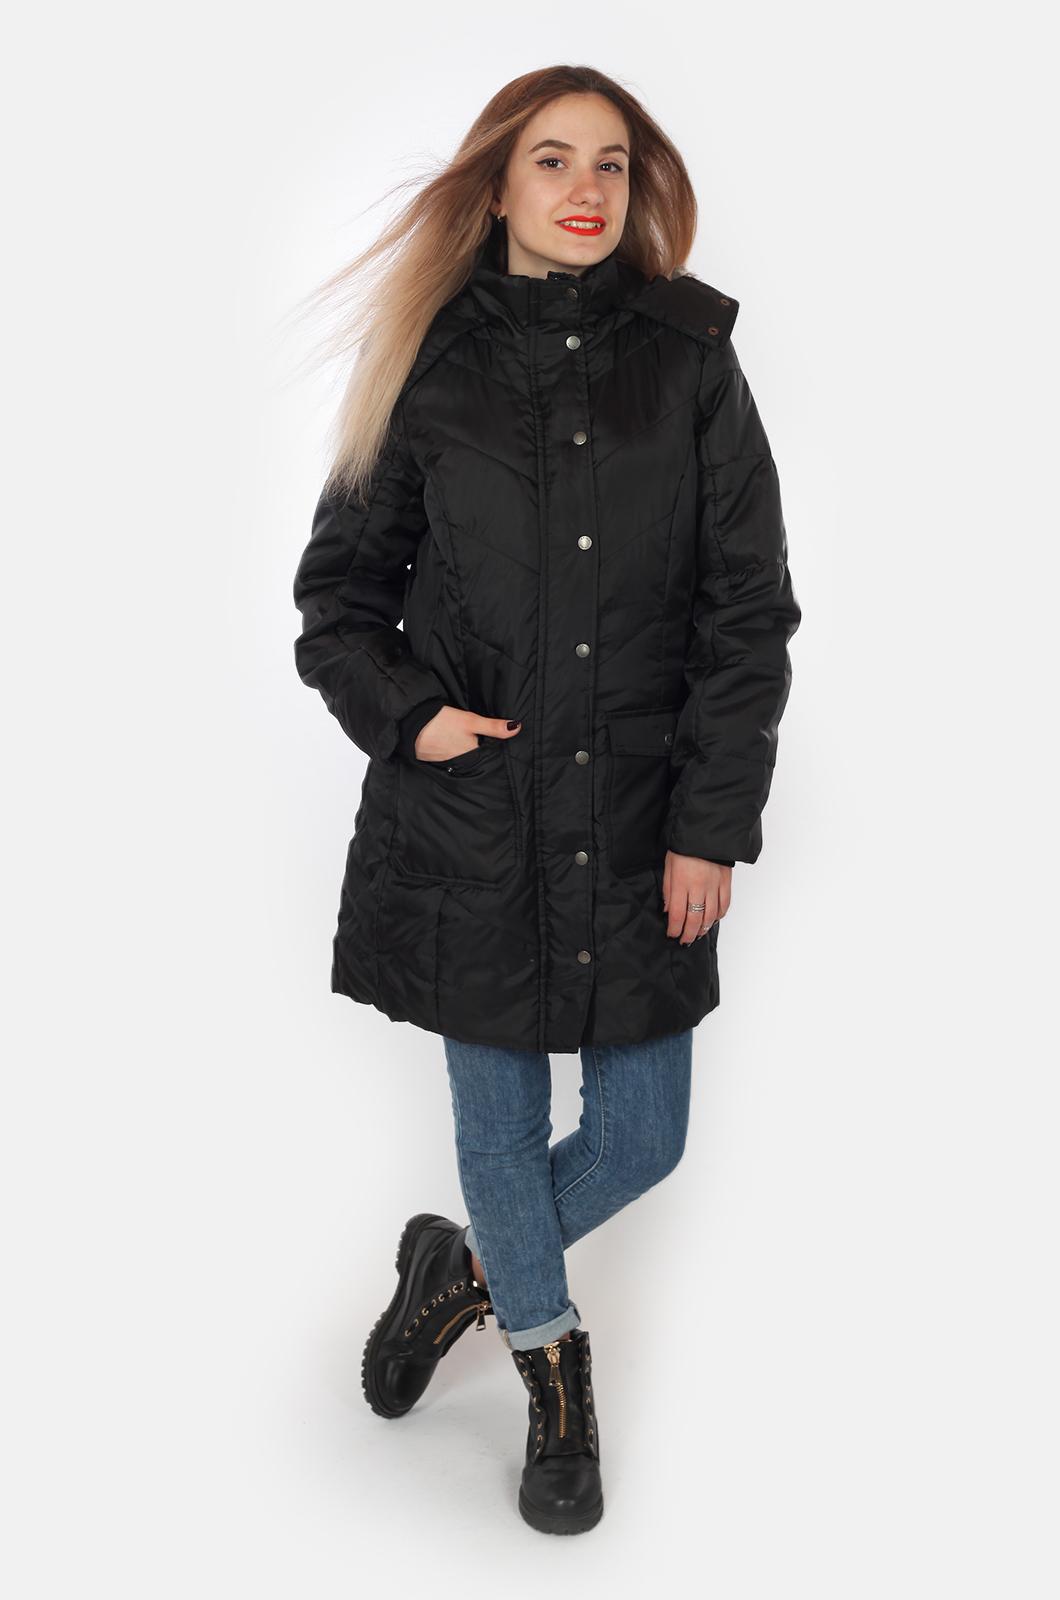 Удлиненное пальто для девушек на осень-зиму